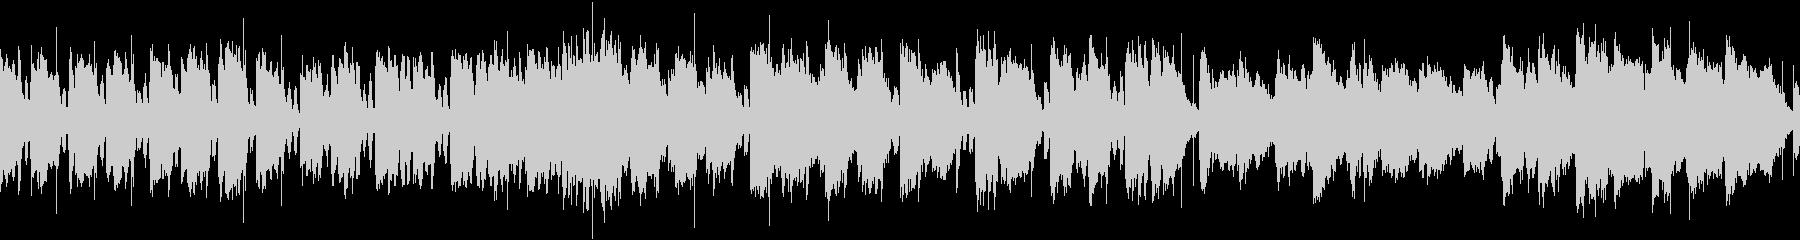 ロック エレキギター 調波 ヘヴィロックの未再生の波形